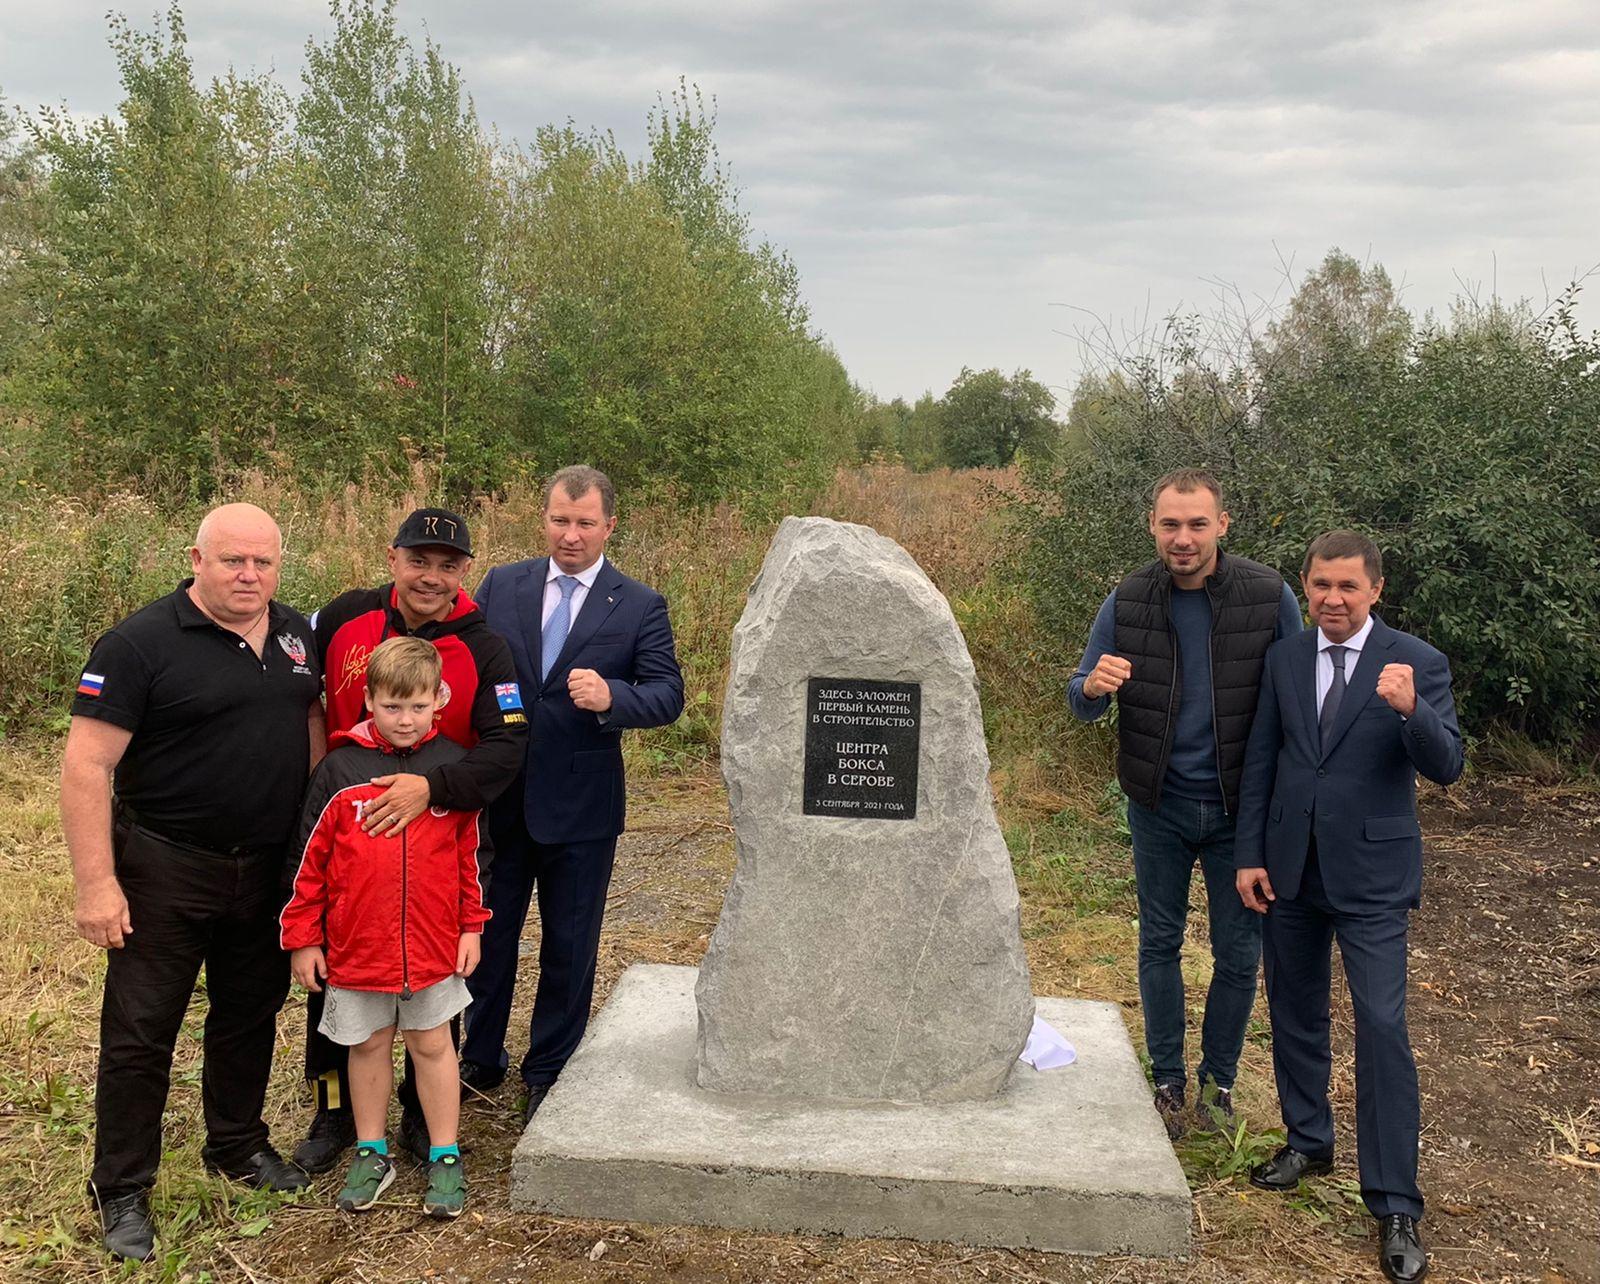 Константин Цзю заложил камень в основание будущего Центра бокса в Серове